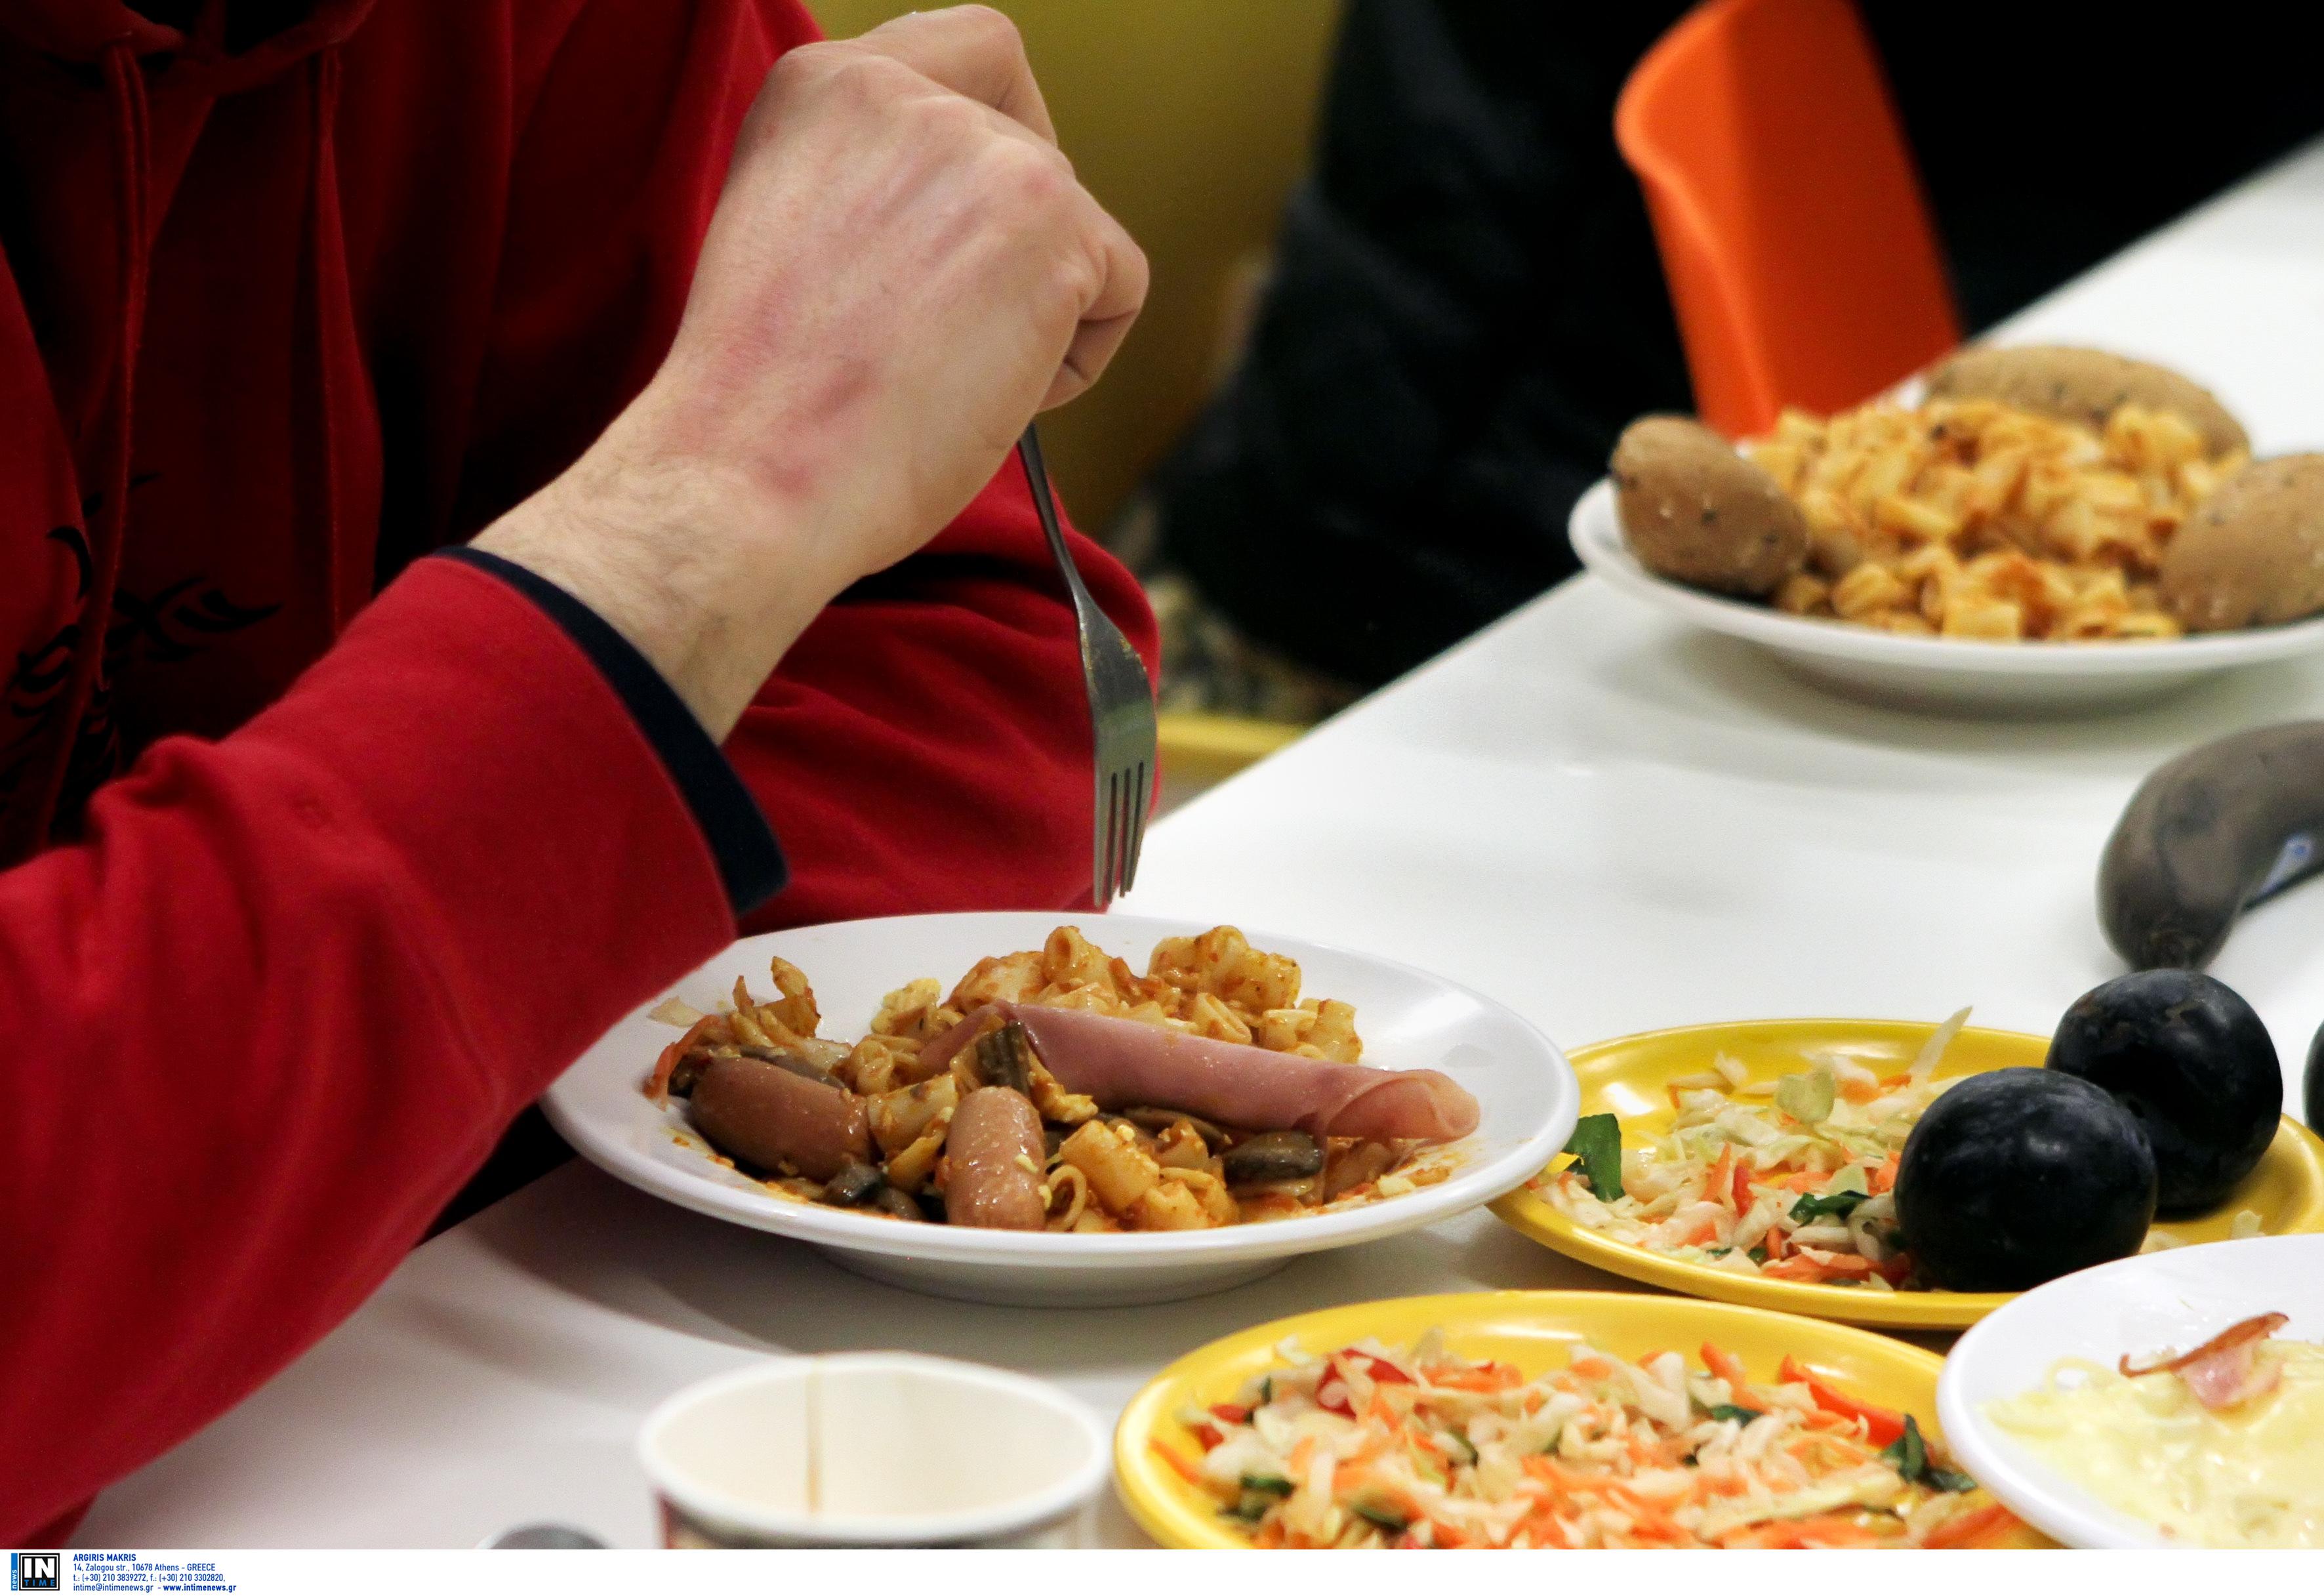 Δραματική έκκληση Γκουτέρες για τη σπατάλη φαγητού: 690 εκατ. άνθρωποι πεινούν